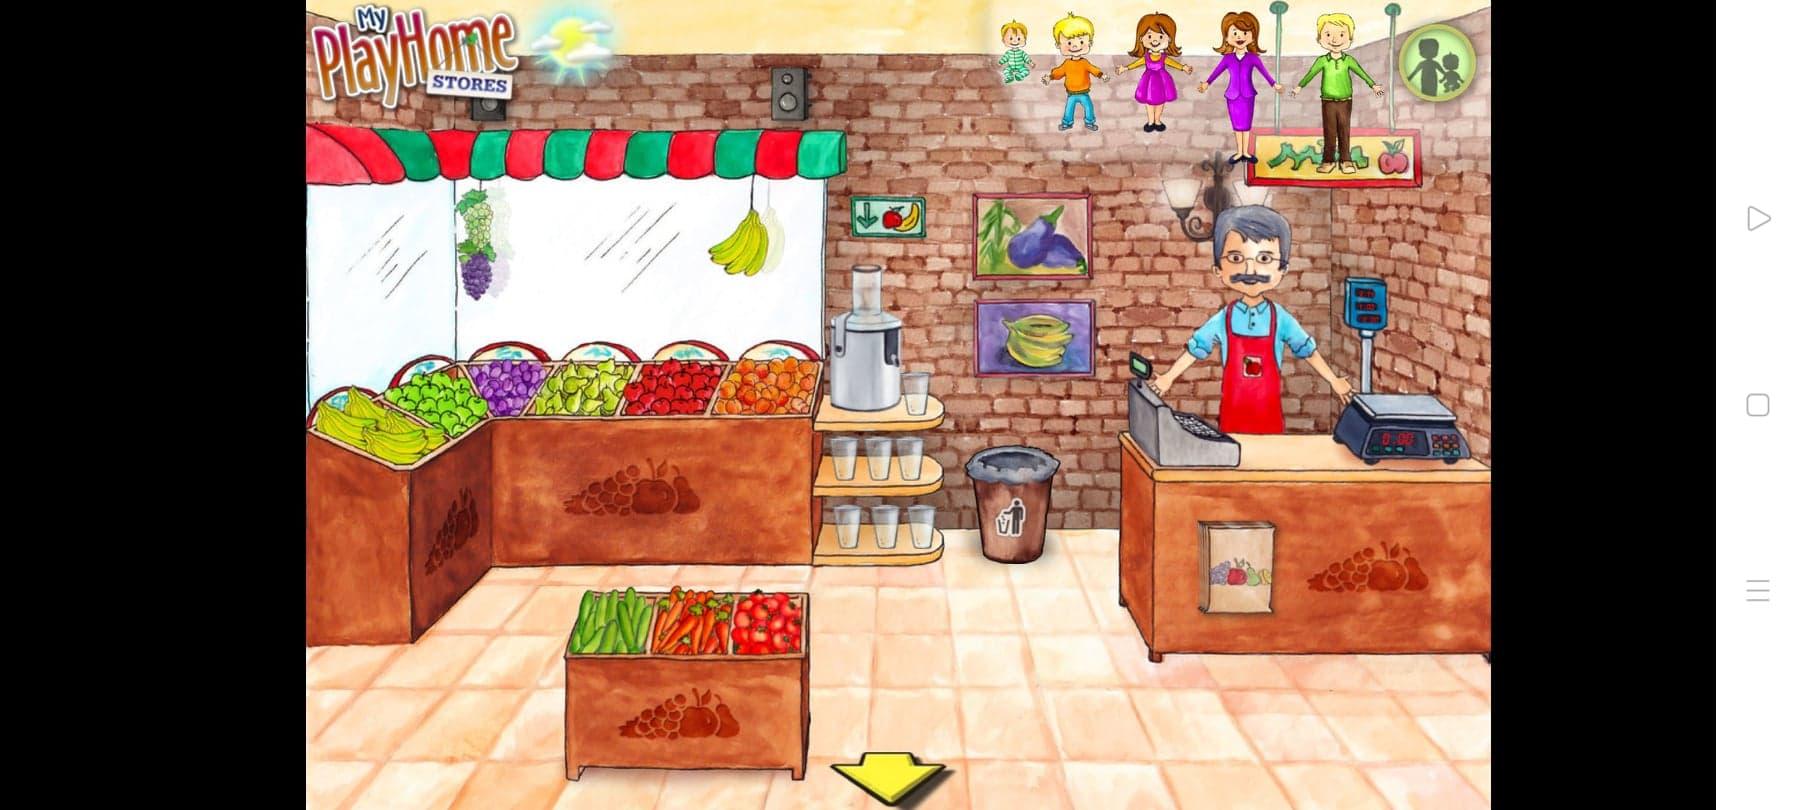 ماي بلاي هوم السوق 3 تحميل ماي بلاي هوم السوق للاندرويد My Play Home Store